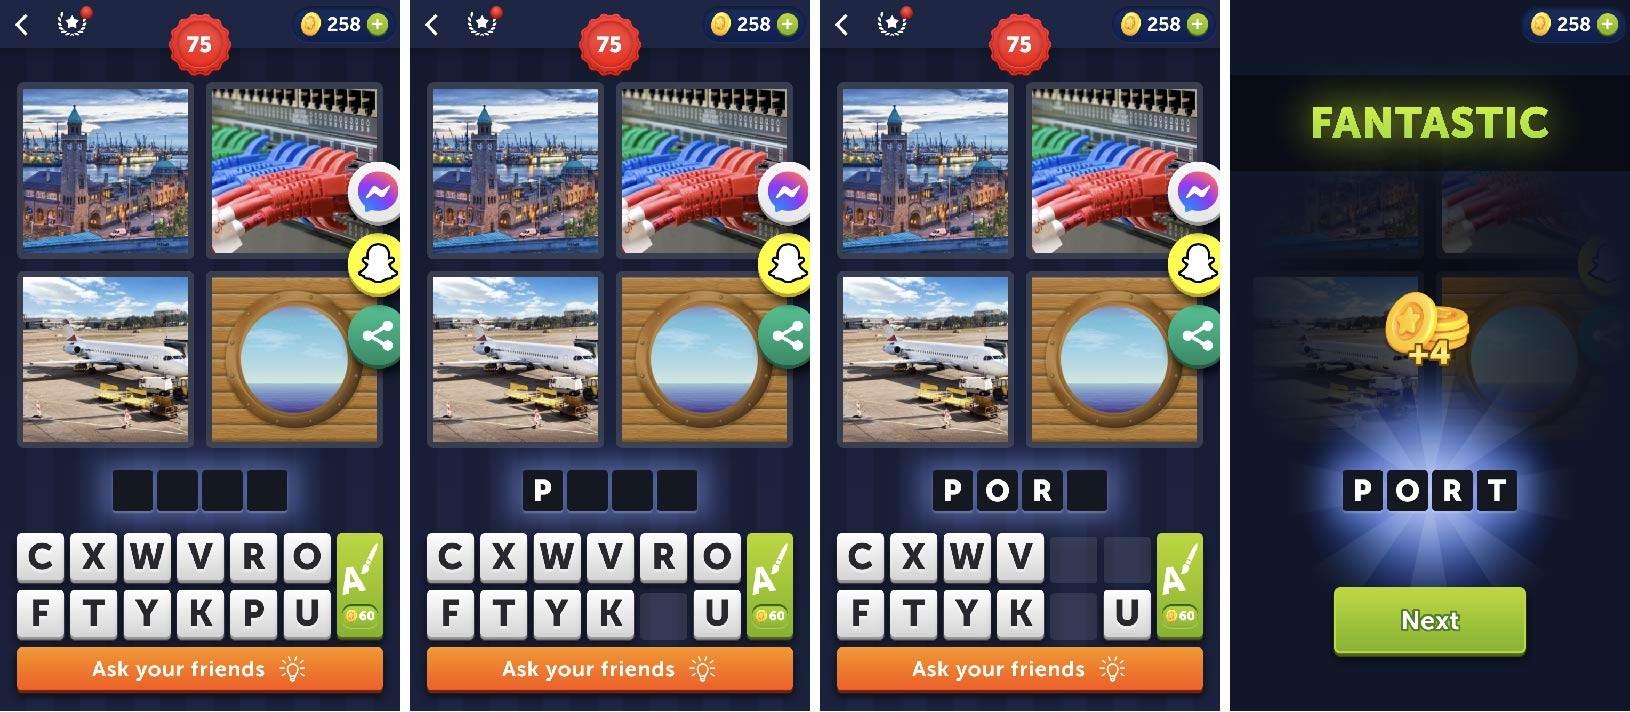 4 pics 1 word wordgame